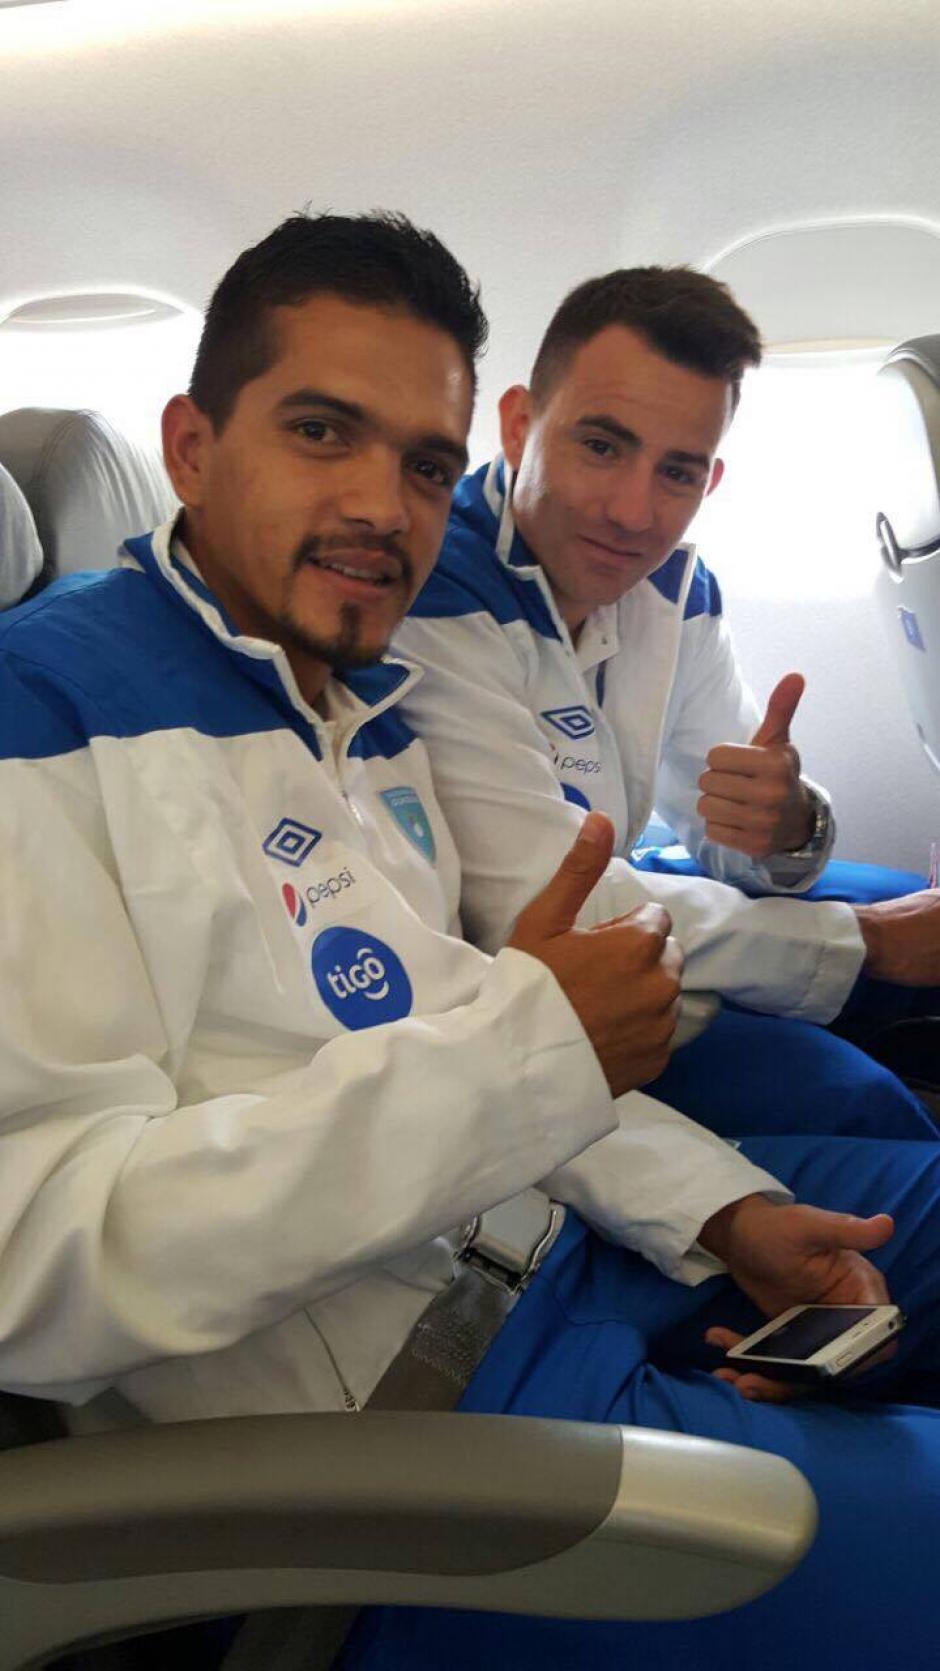 Marco Rivas y Marco Pappa compartieron durante el vuelo a suelo norteamericano. (Foto: Edson Aldana/Enviado de la ACD)